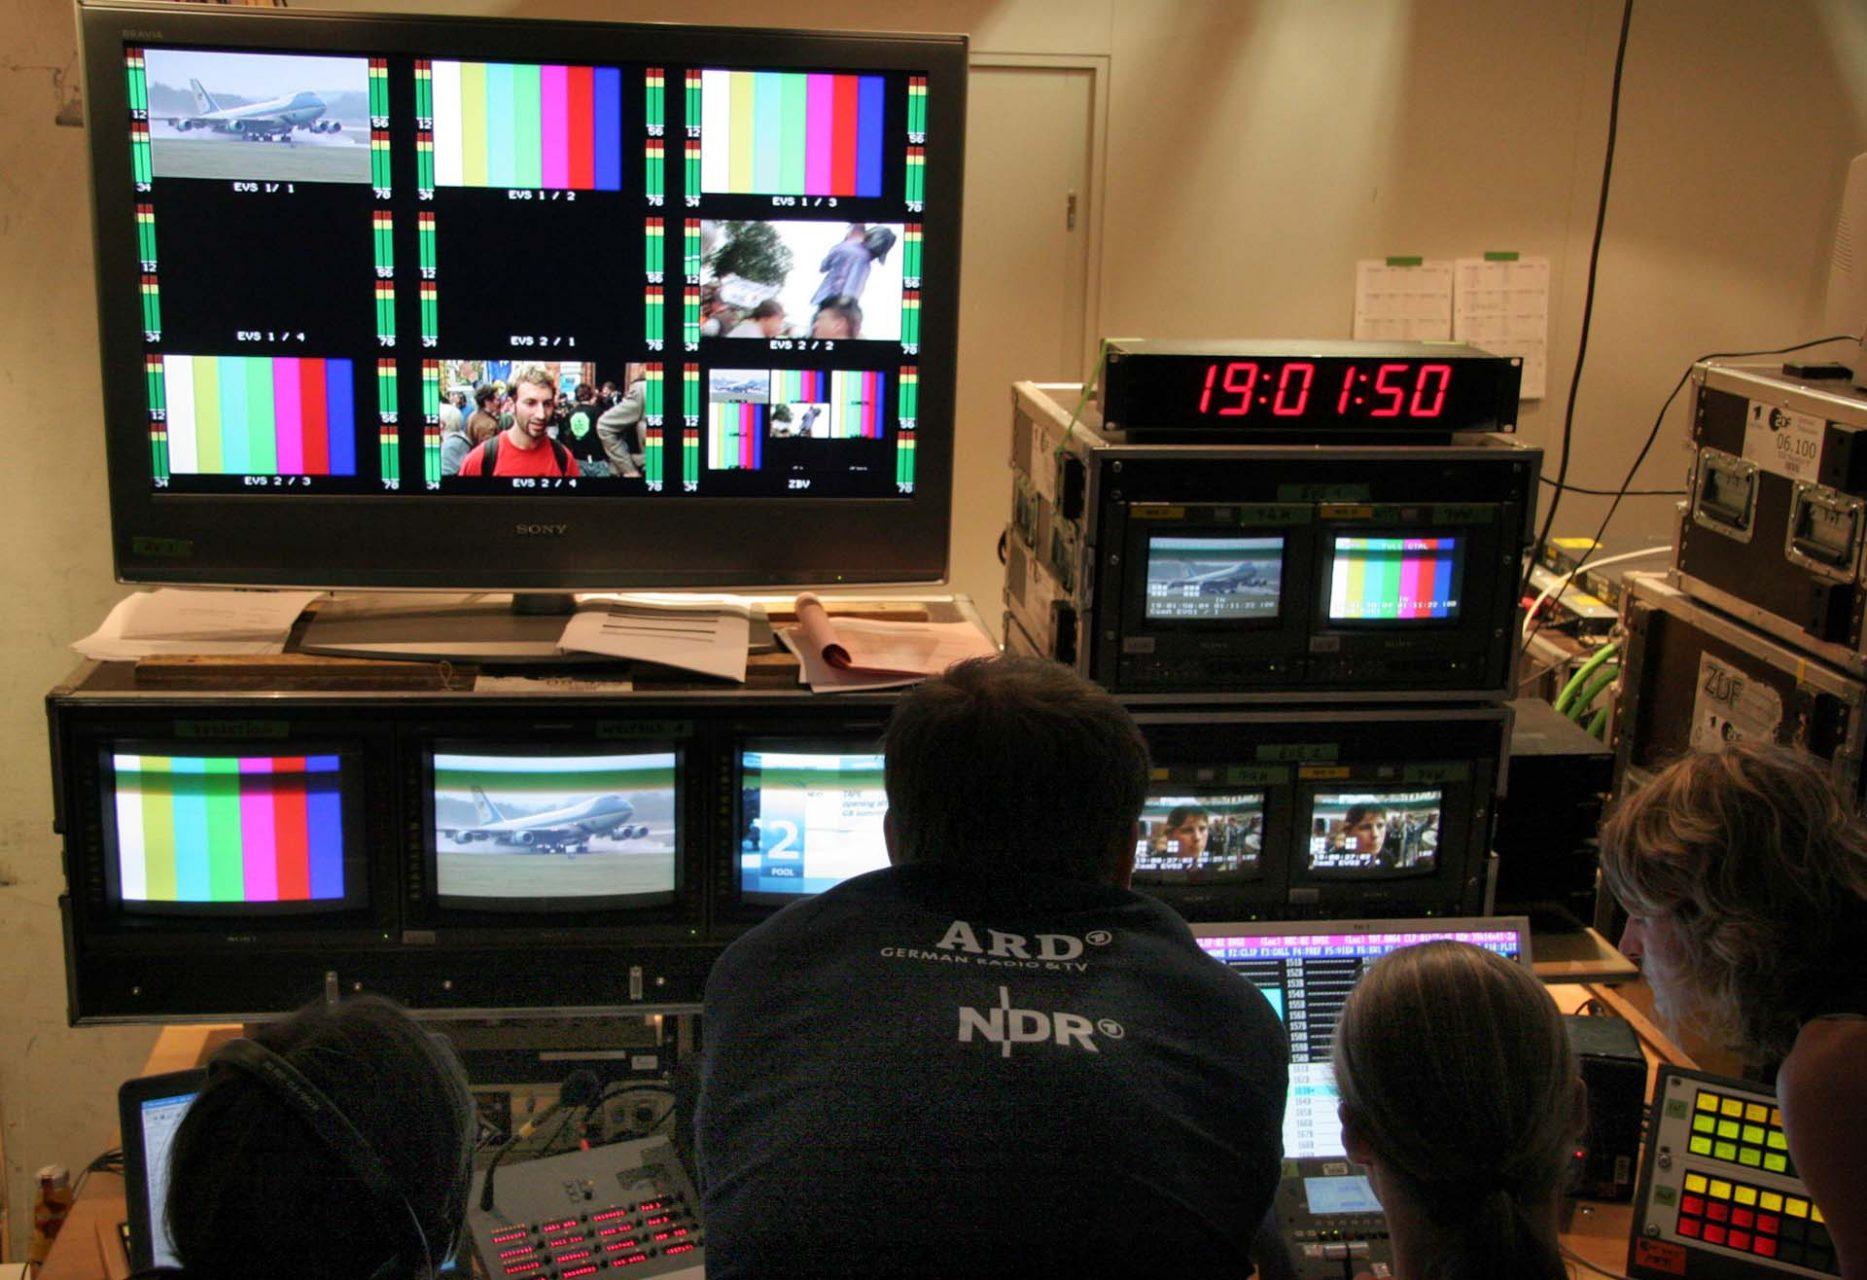 Im Medienzentrum der NDR Screen Welbild. Hier werden die TV Bilder für alle TV Stationen der Welt zusammen- bzw. bereitgestellt. Eben ist die Airforce One mit George Bush gelandet. Auf dem unteren Screen sieht man eine Demo von Globalisierungskritikern und im rechten Bilder von der Demo in der Nähe des Flughafens Laage.